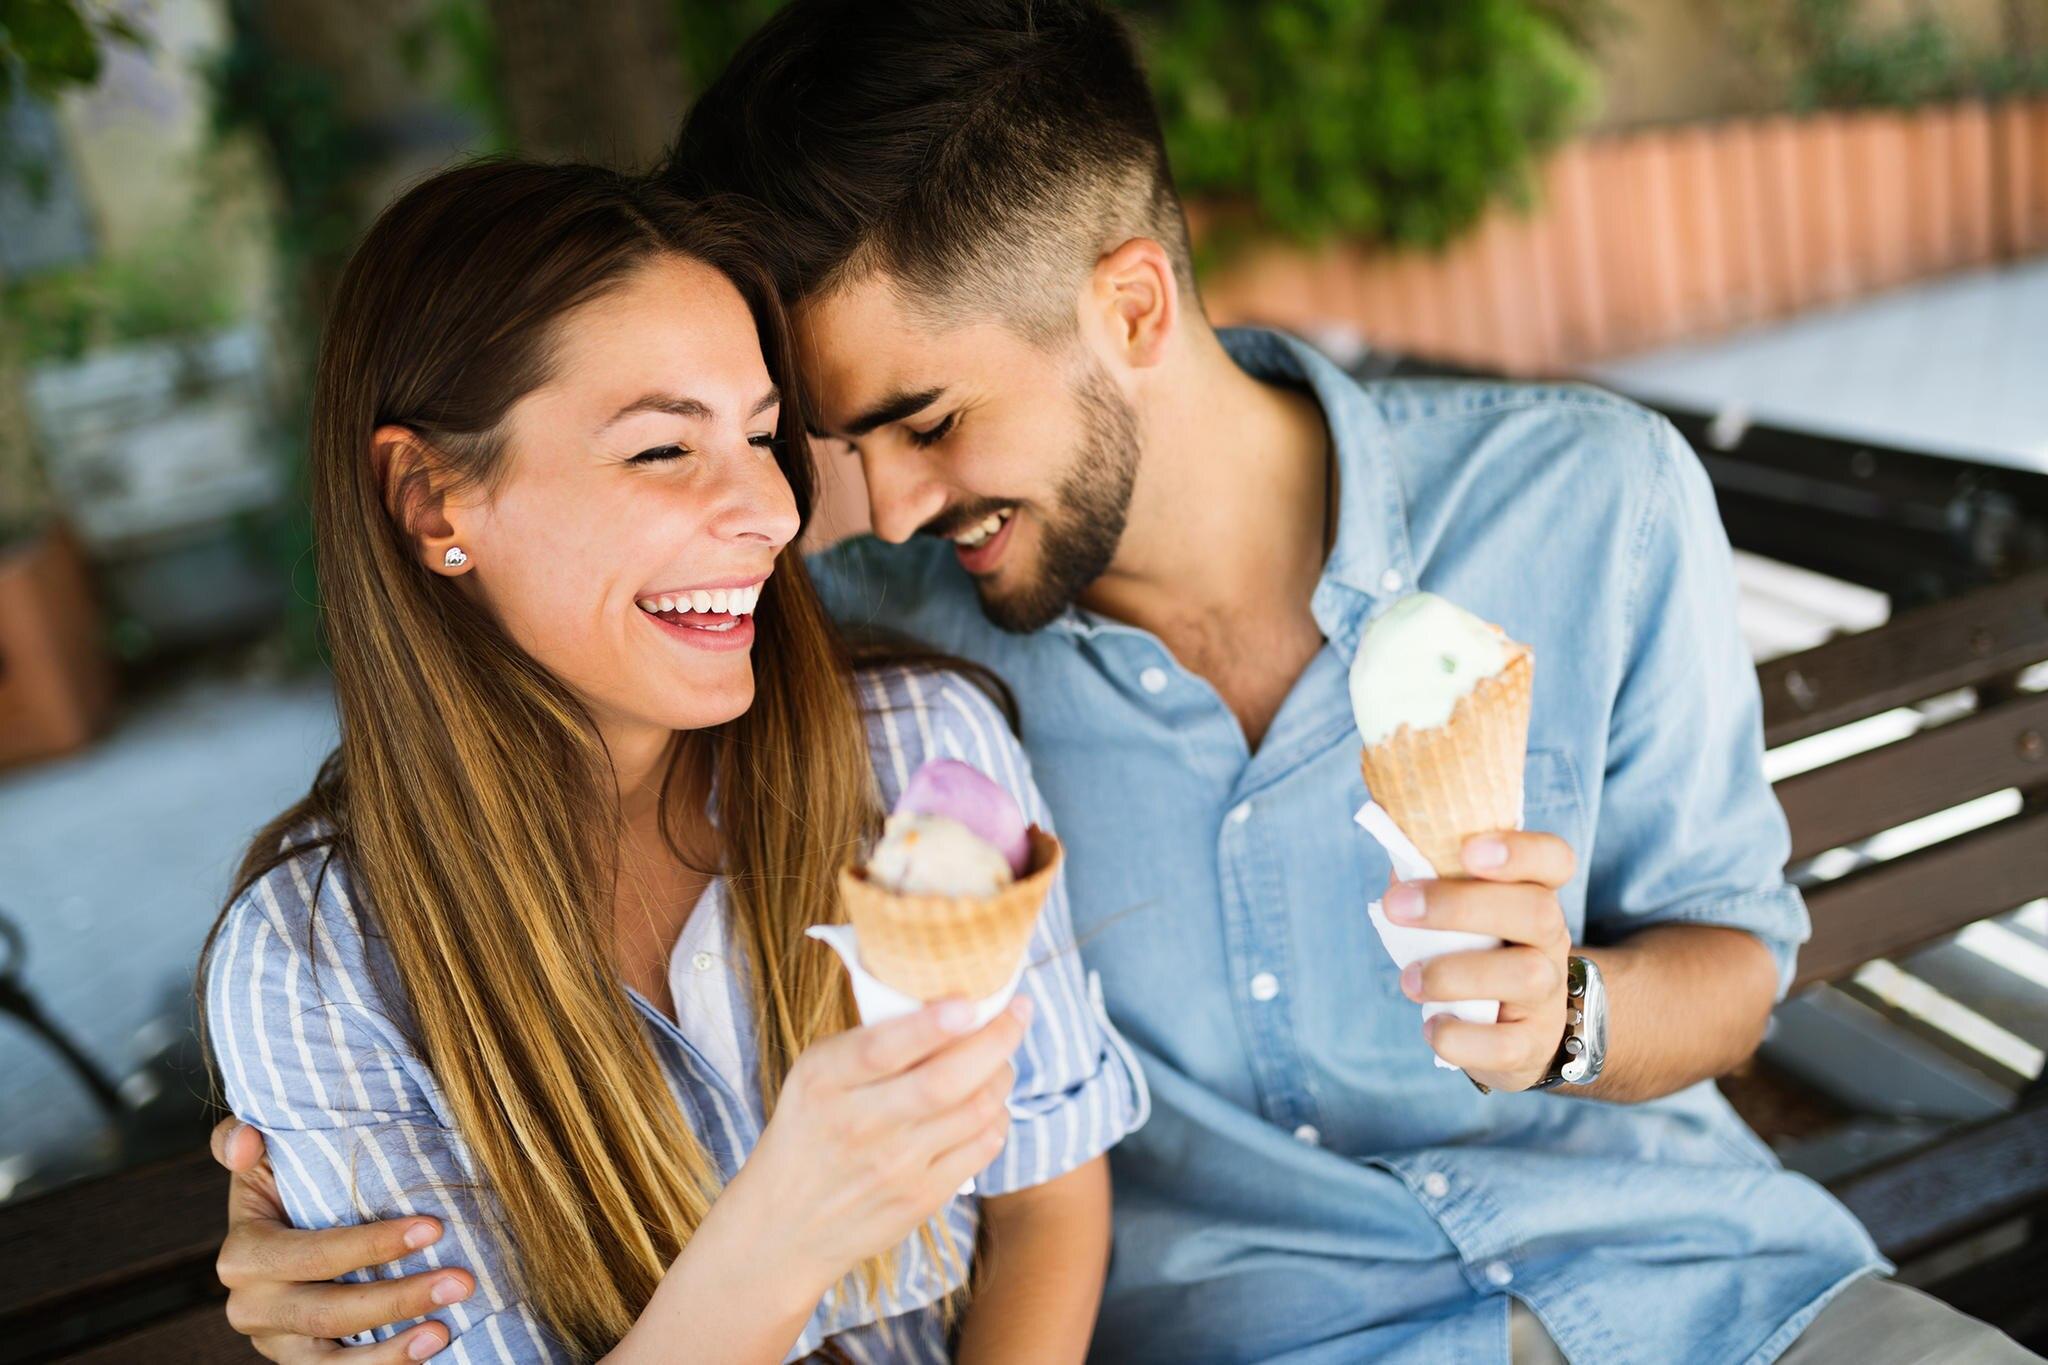 Ob noch in der Kennenlernphase oder in einer festen Partnerschaft:Der Sommer ist die ideale Zeit für schöne Dates.